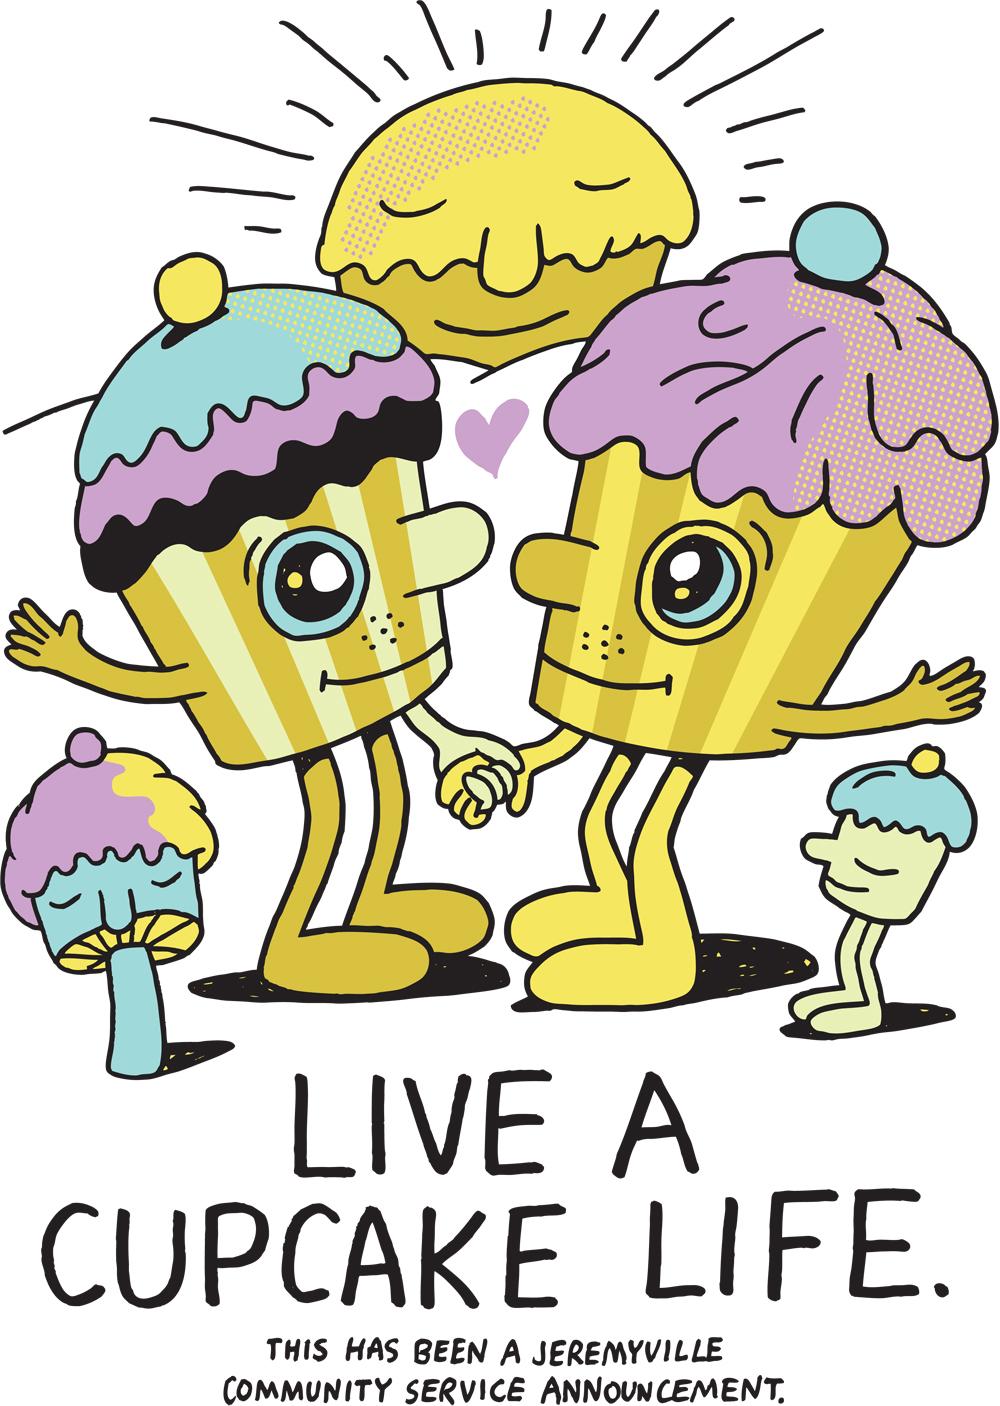 LiveACupcakeLife.jpg